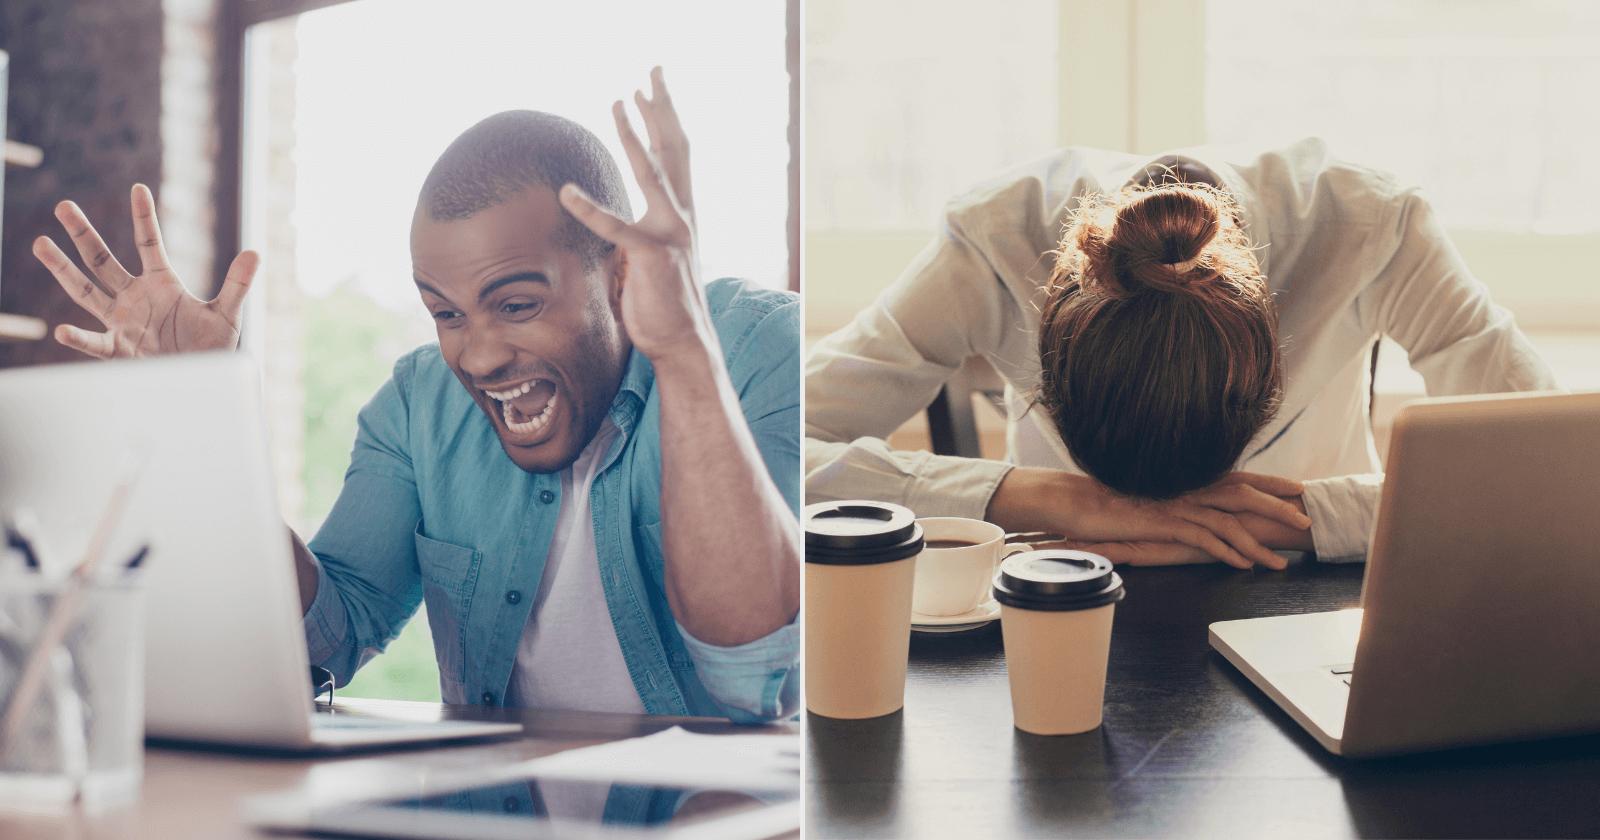 Cansado estudar ONLINE? 15 dicas para se RENOVAR e melhorar seu desempenho